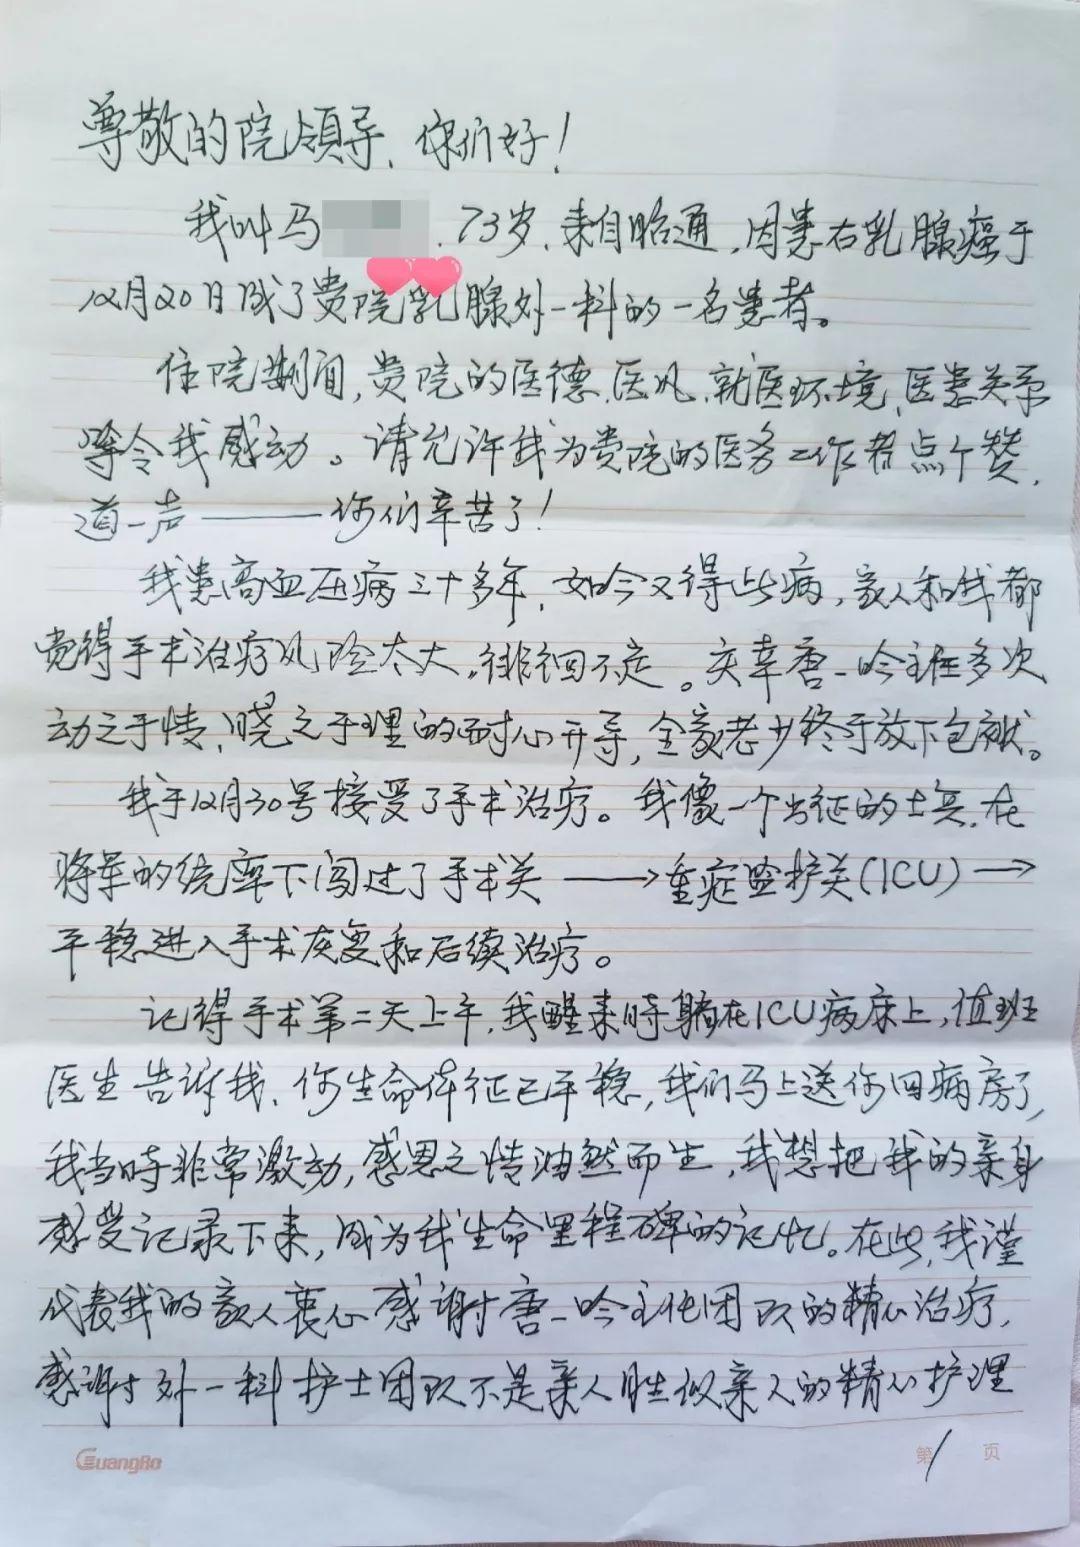 【弘扬正能量 彰显好医德(二十九)乳腺外一科收到的珍贵礼物 ——一封沉甸甸的信】